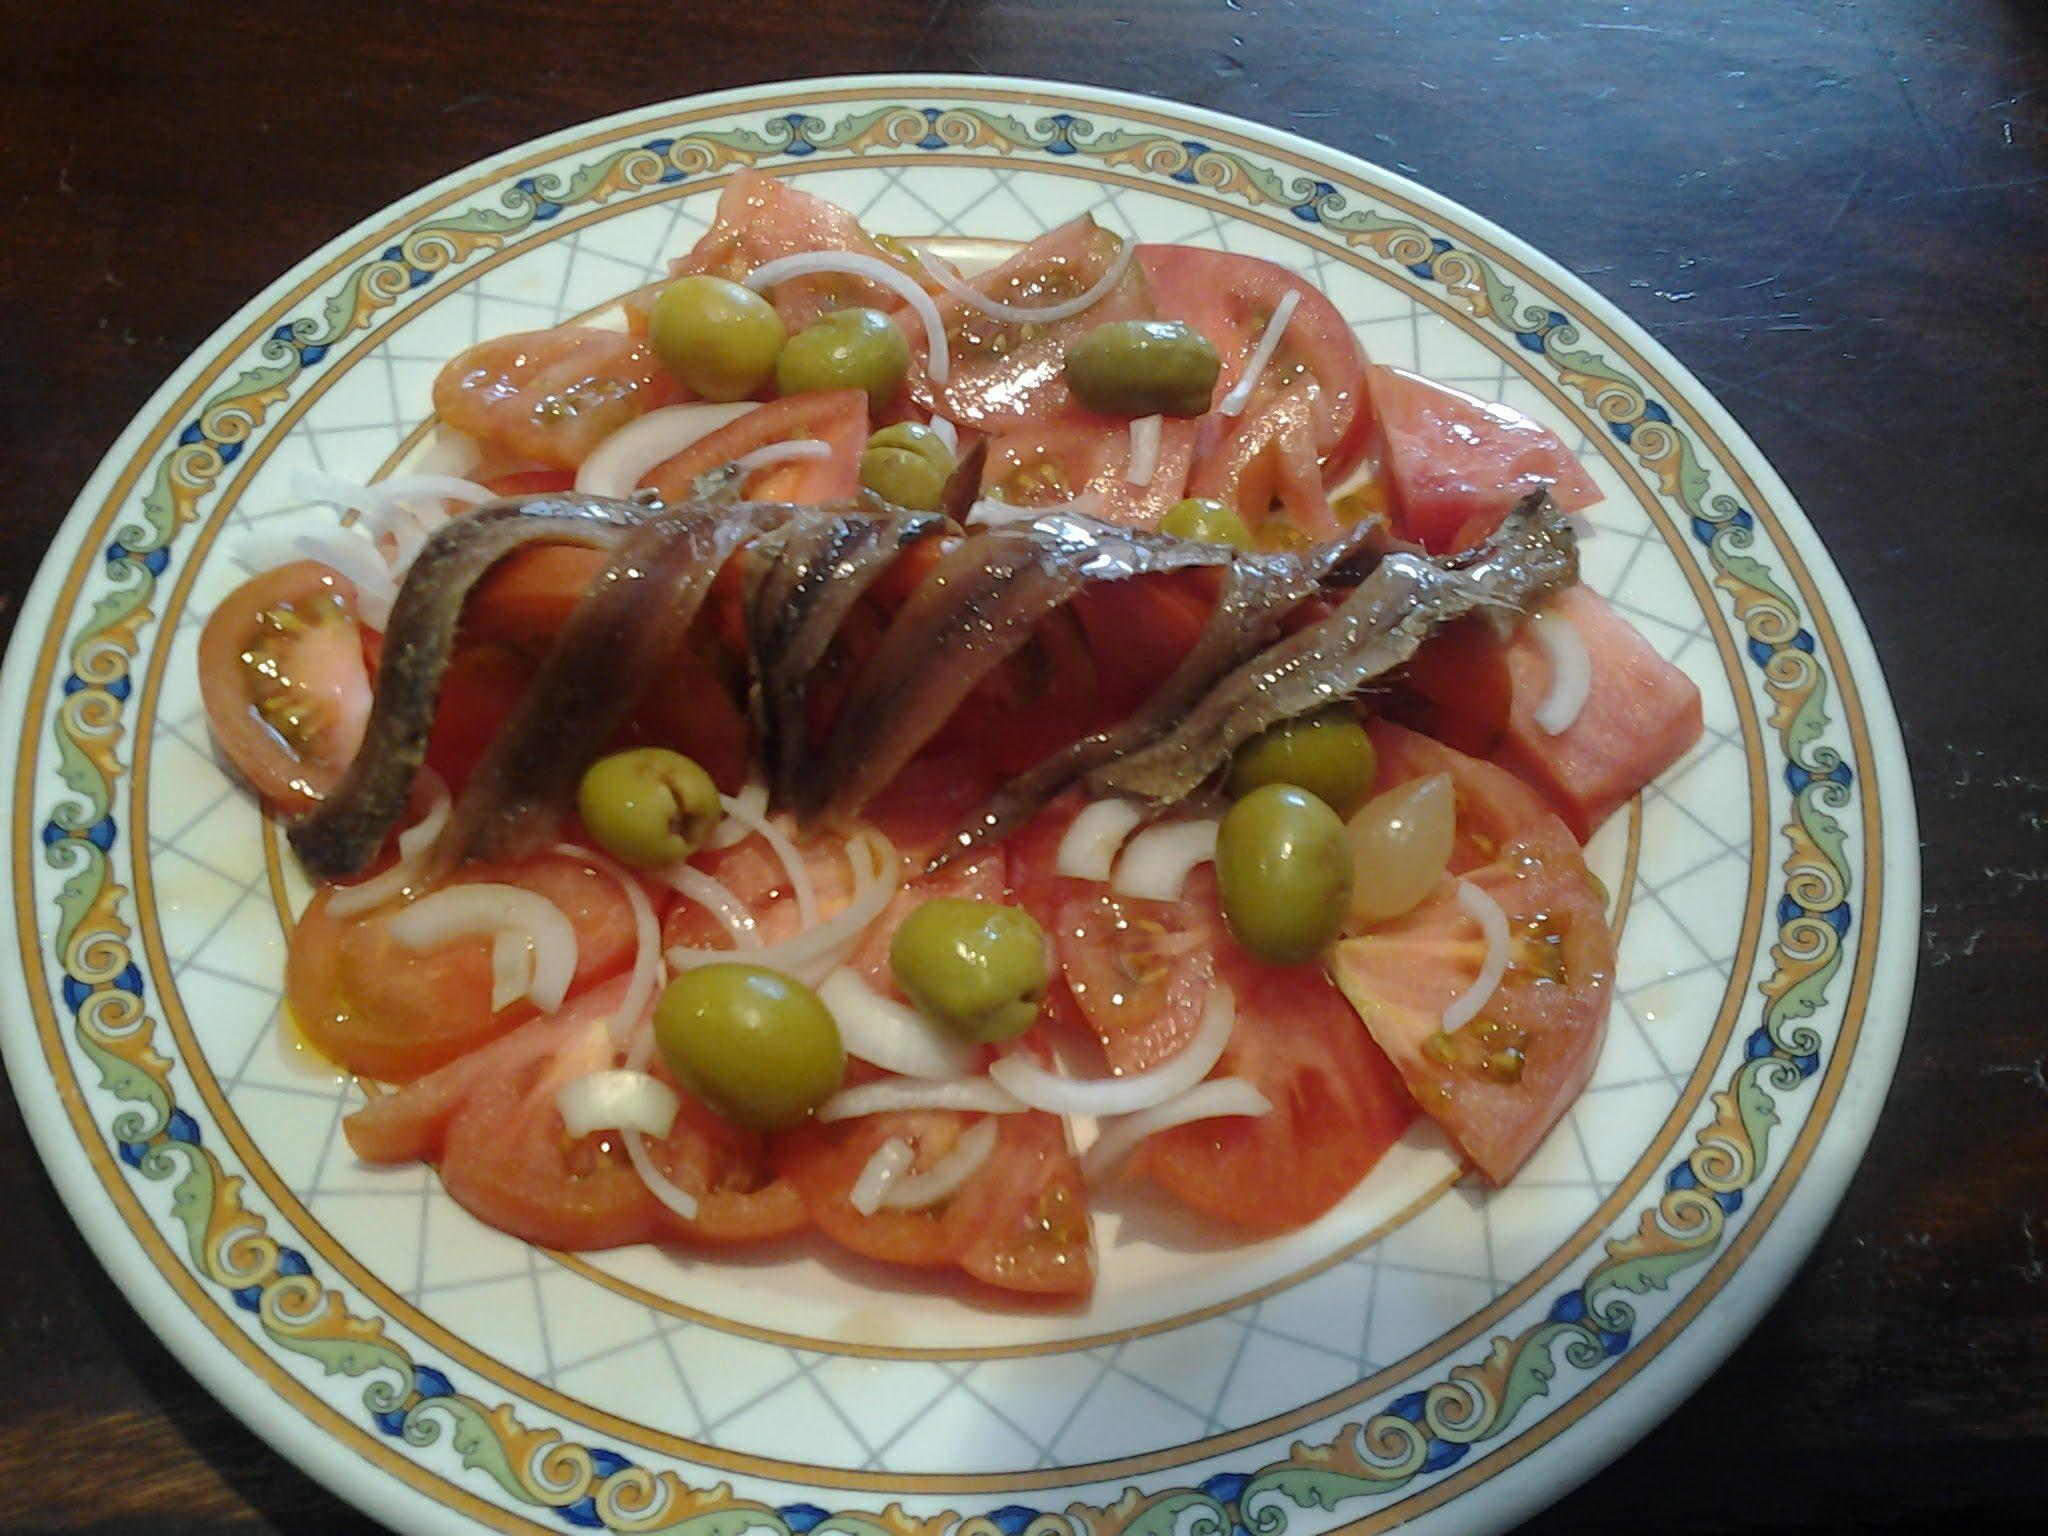 Ensalada de tomate Raf y anchoa de bahía.